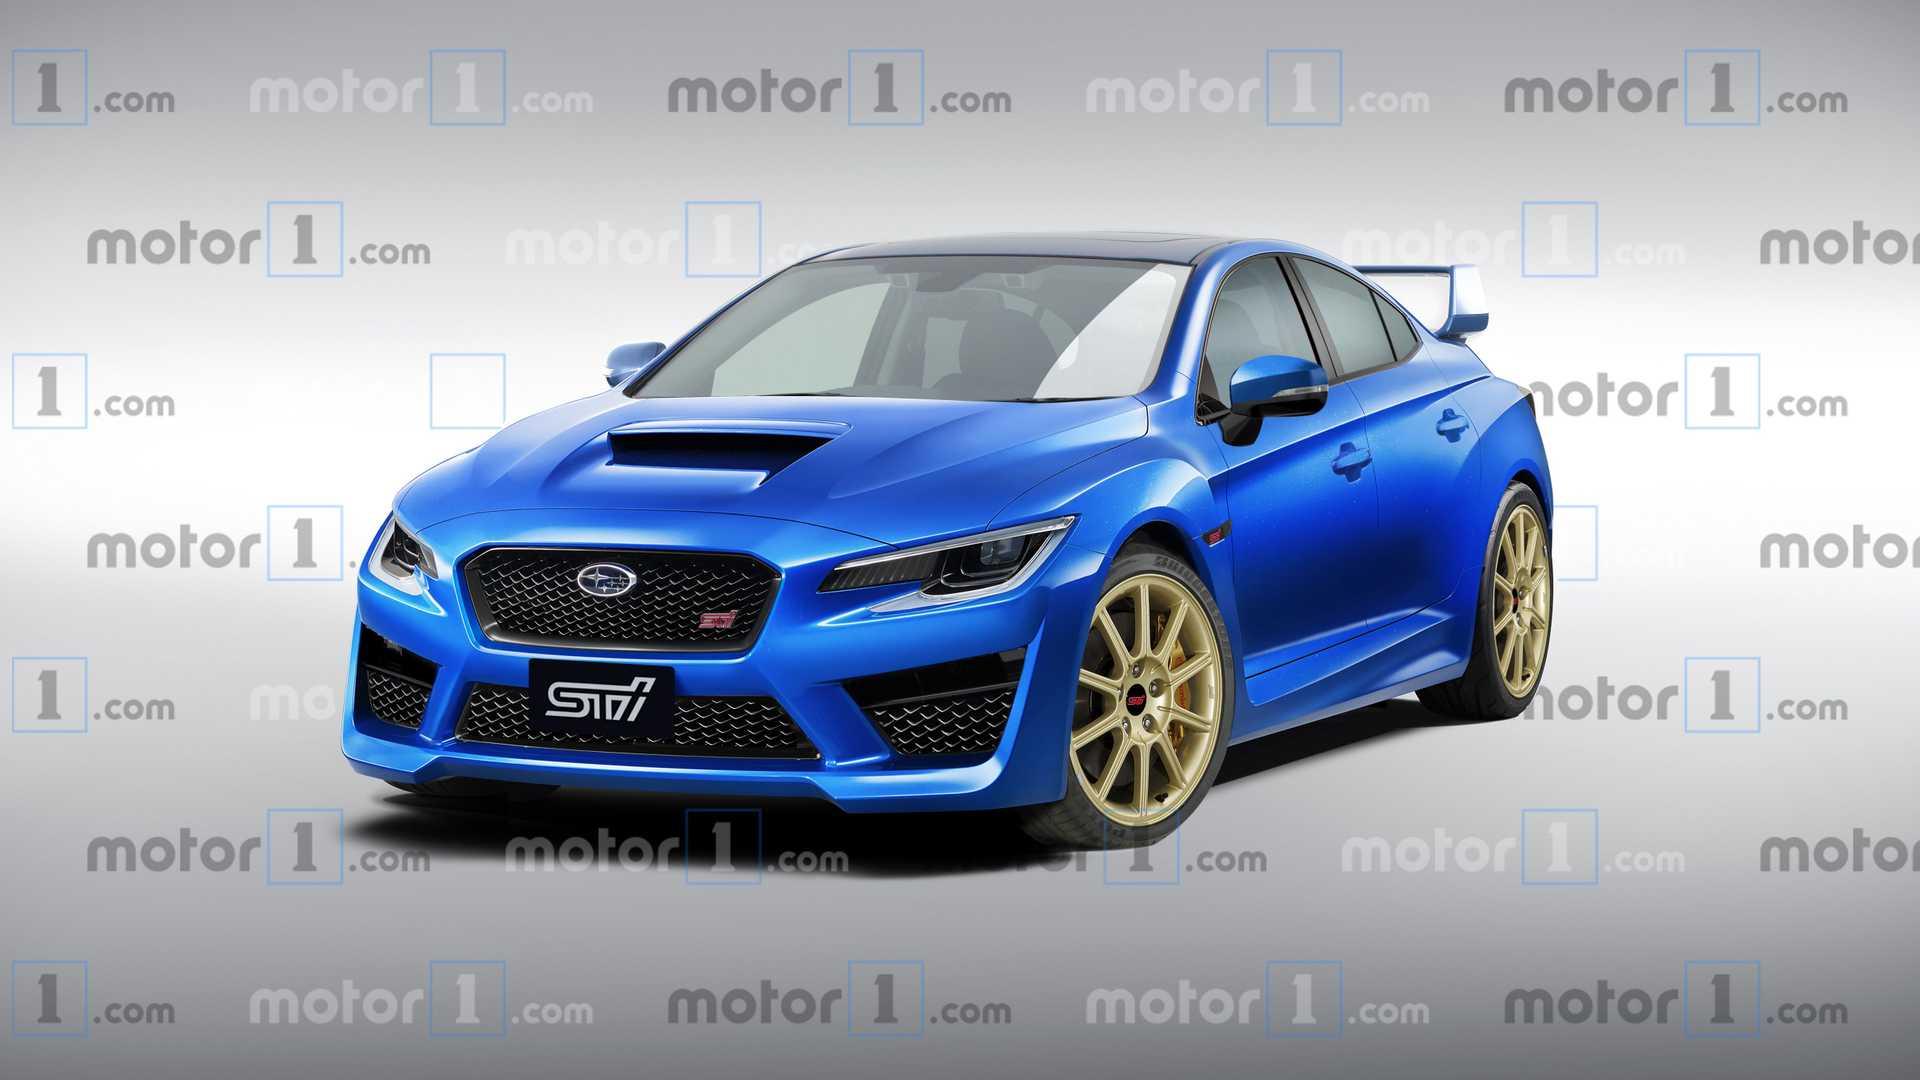 93 Concept of Subaru Sti 2020 Price Spesification with Subaru Sti 2020 Price